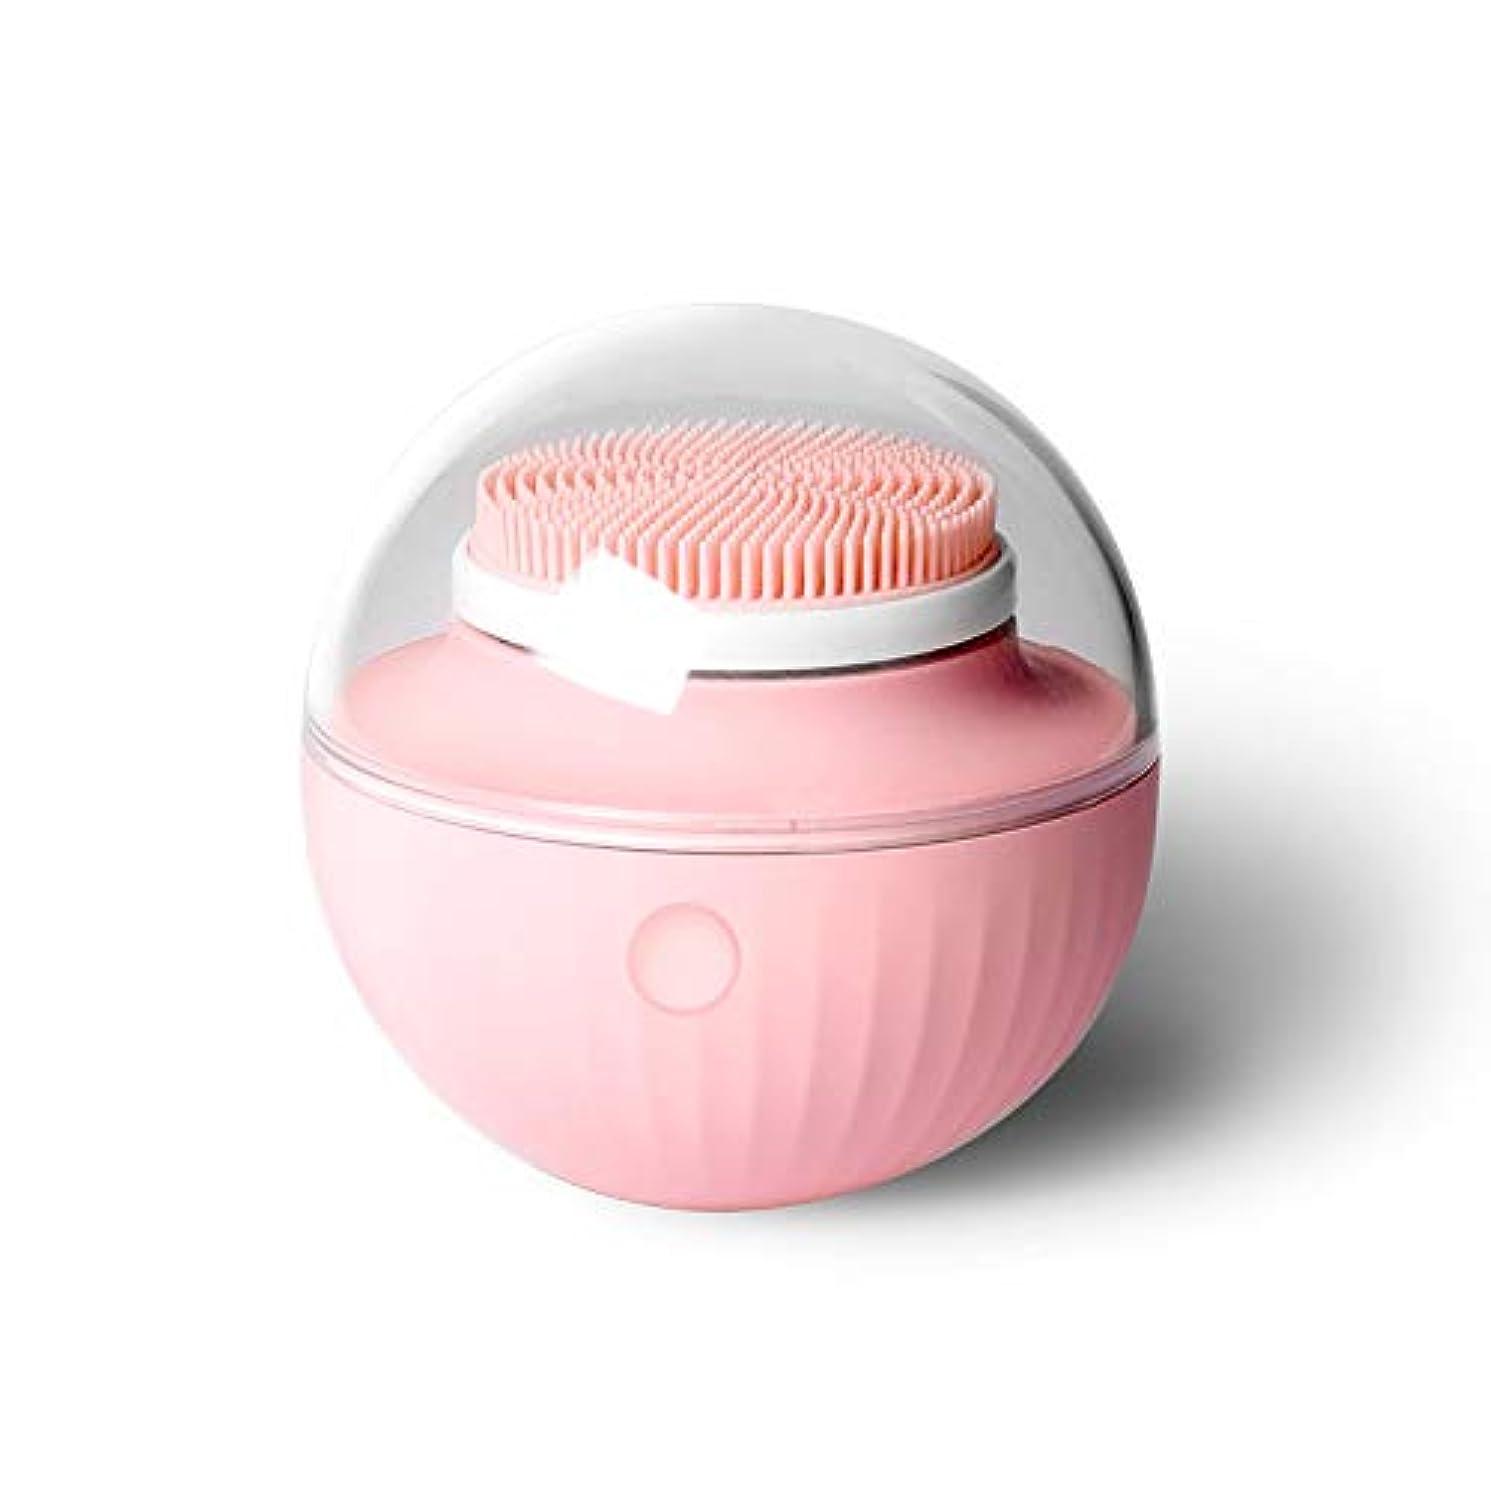 首尾一貫した楽しませるパテパフ洗浄器具ポータブル充電超音波USBシリコン電動洗顔器ディープクレンジング顔 (ピンク)